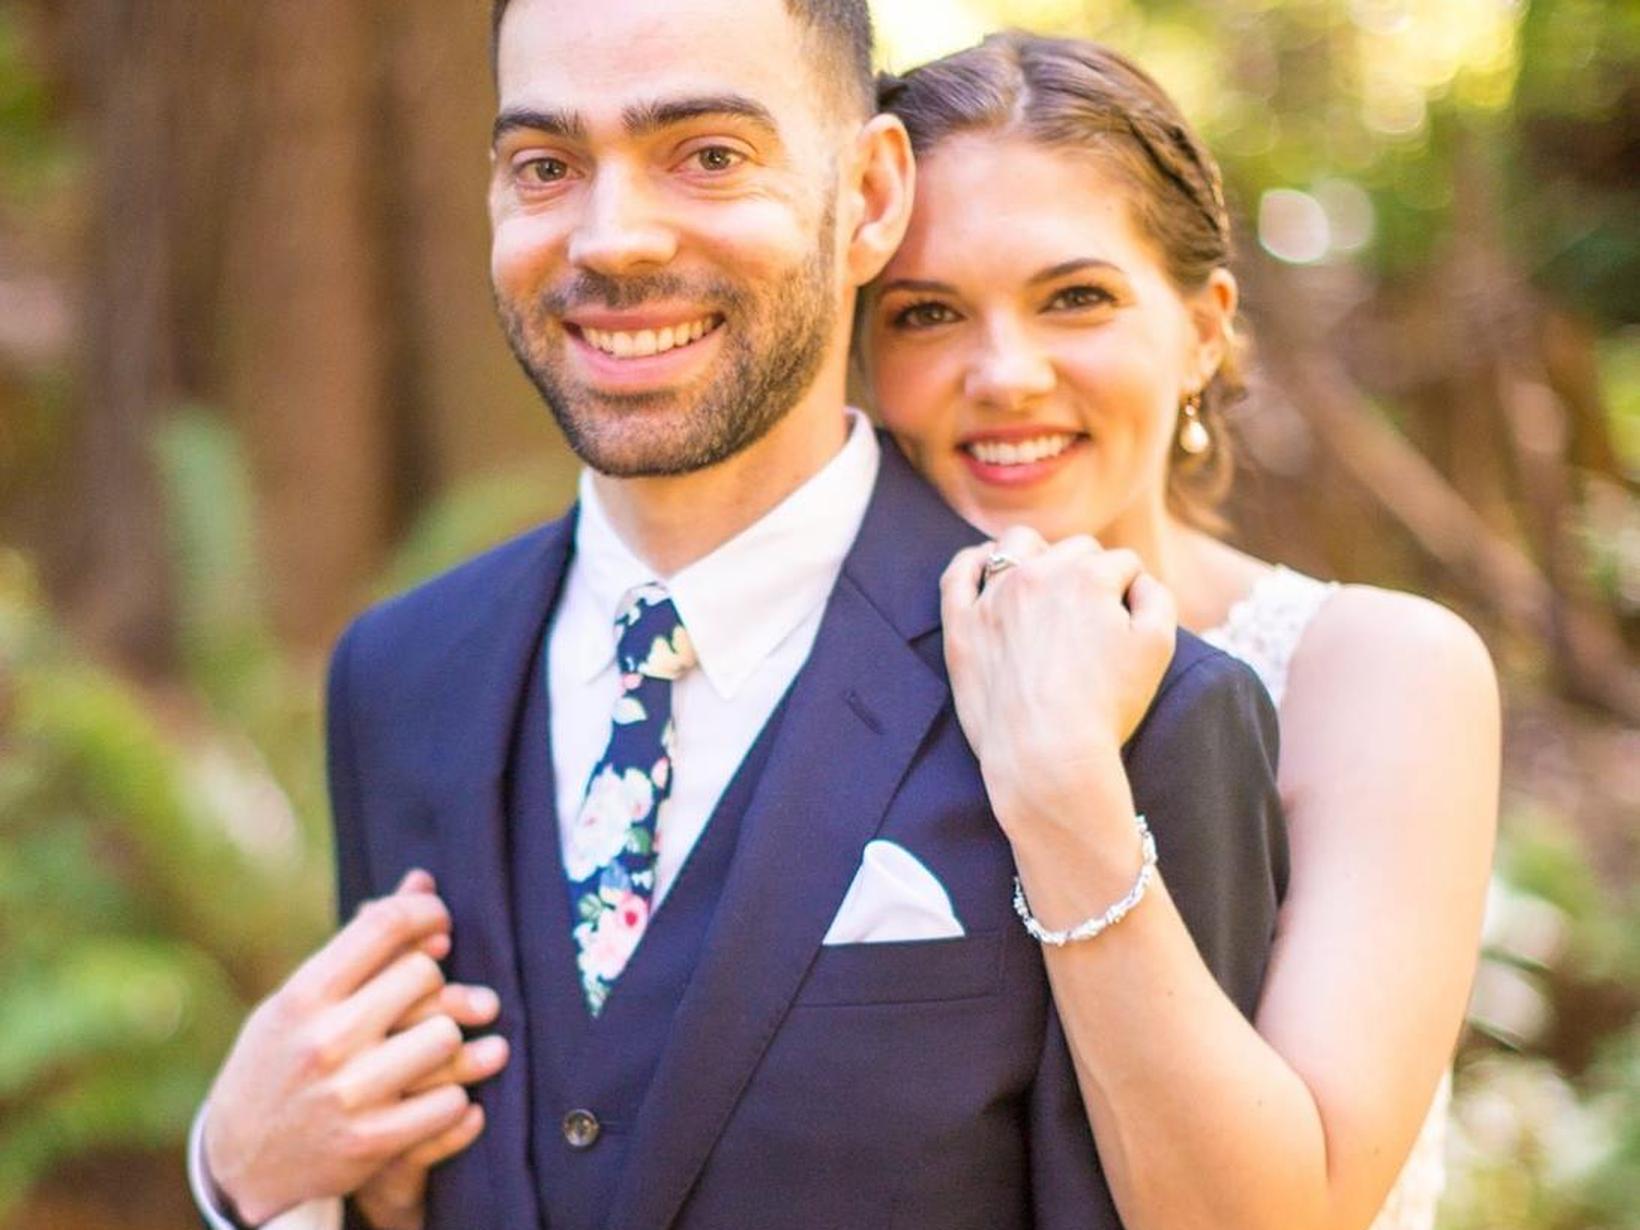 Shawn & Amanda from Seattle, Washington, United States